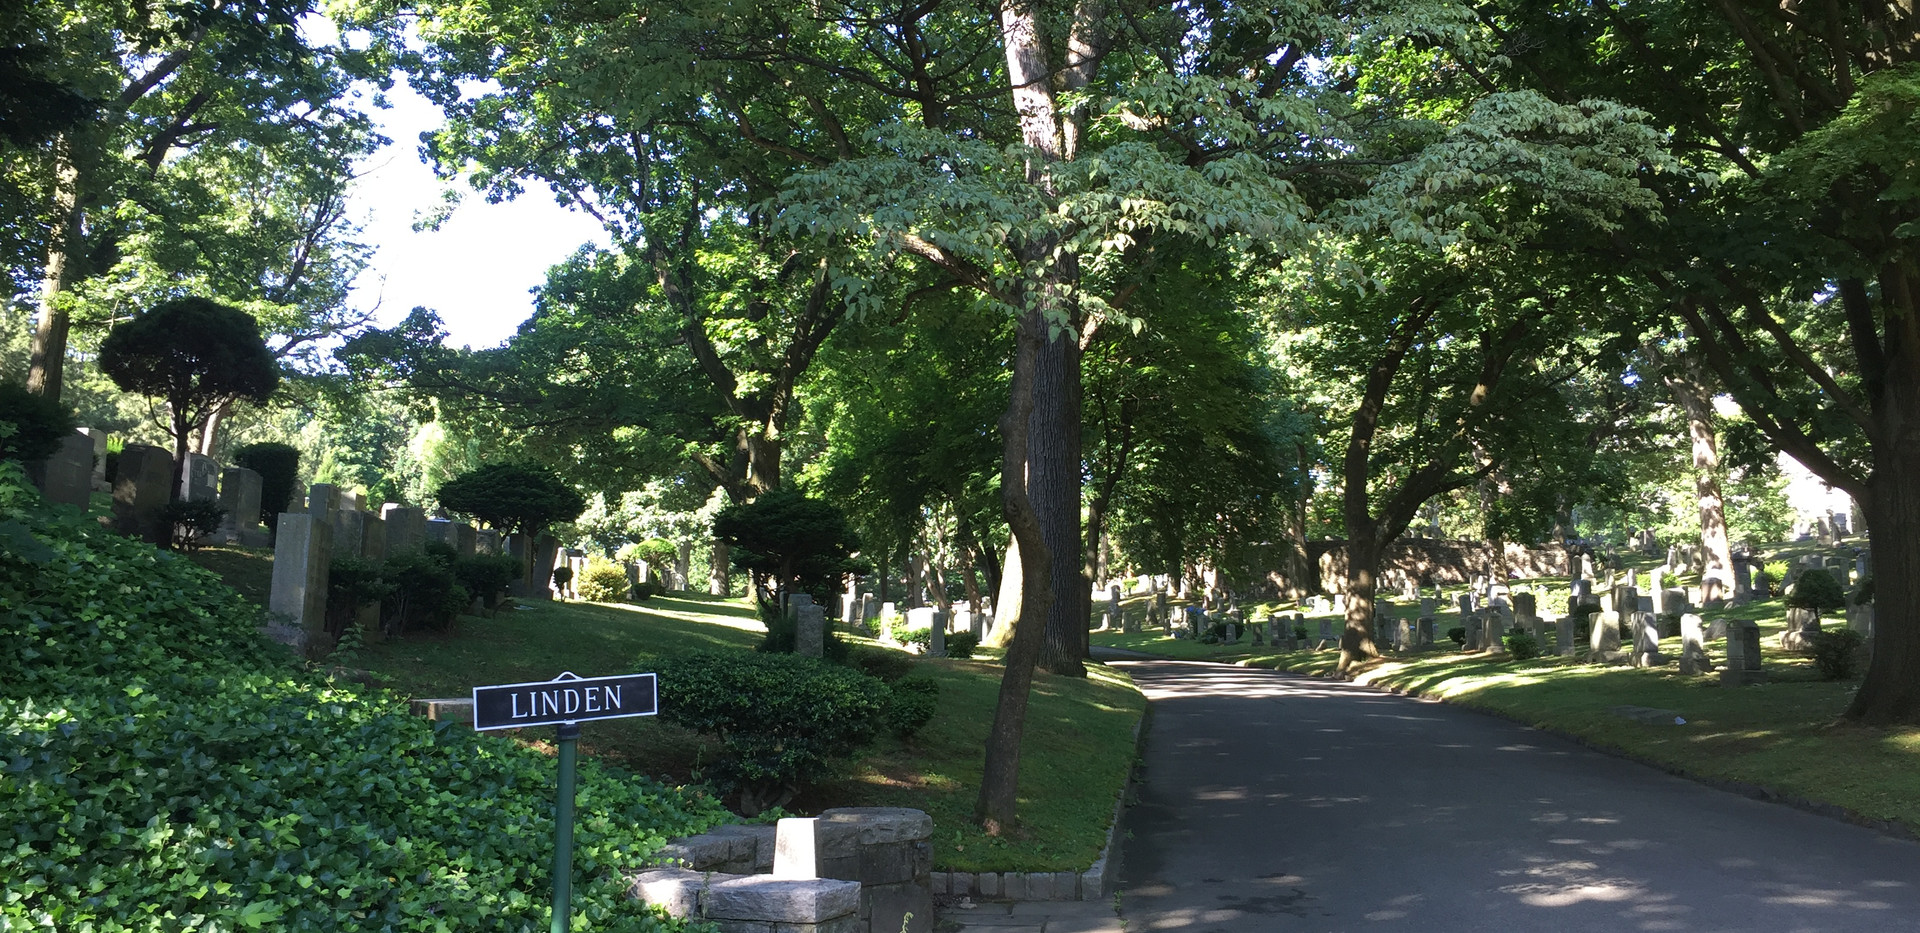 Linden 2.JPG